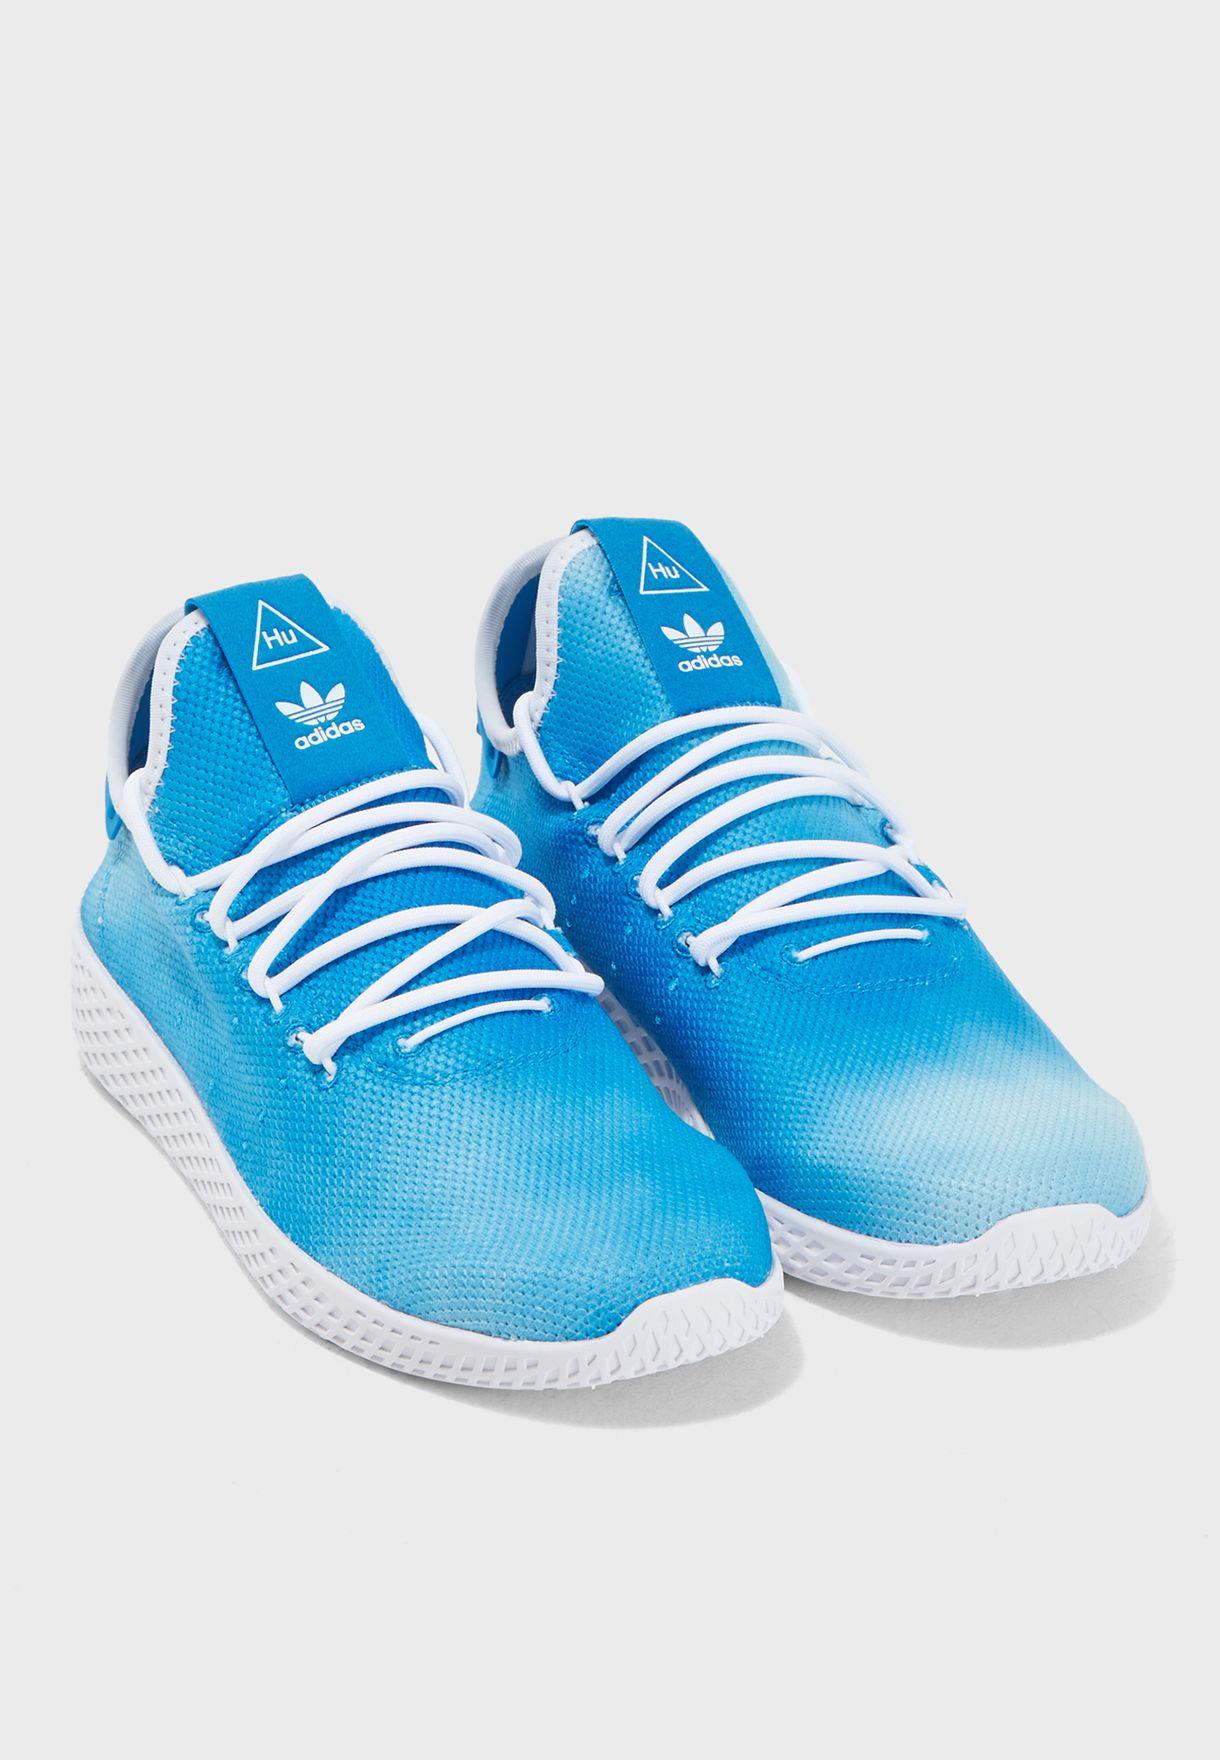 138107799fb42 Shop adidas Originals blue Pharrell Williams Hu Holi Tennis DA9618 ...